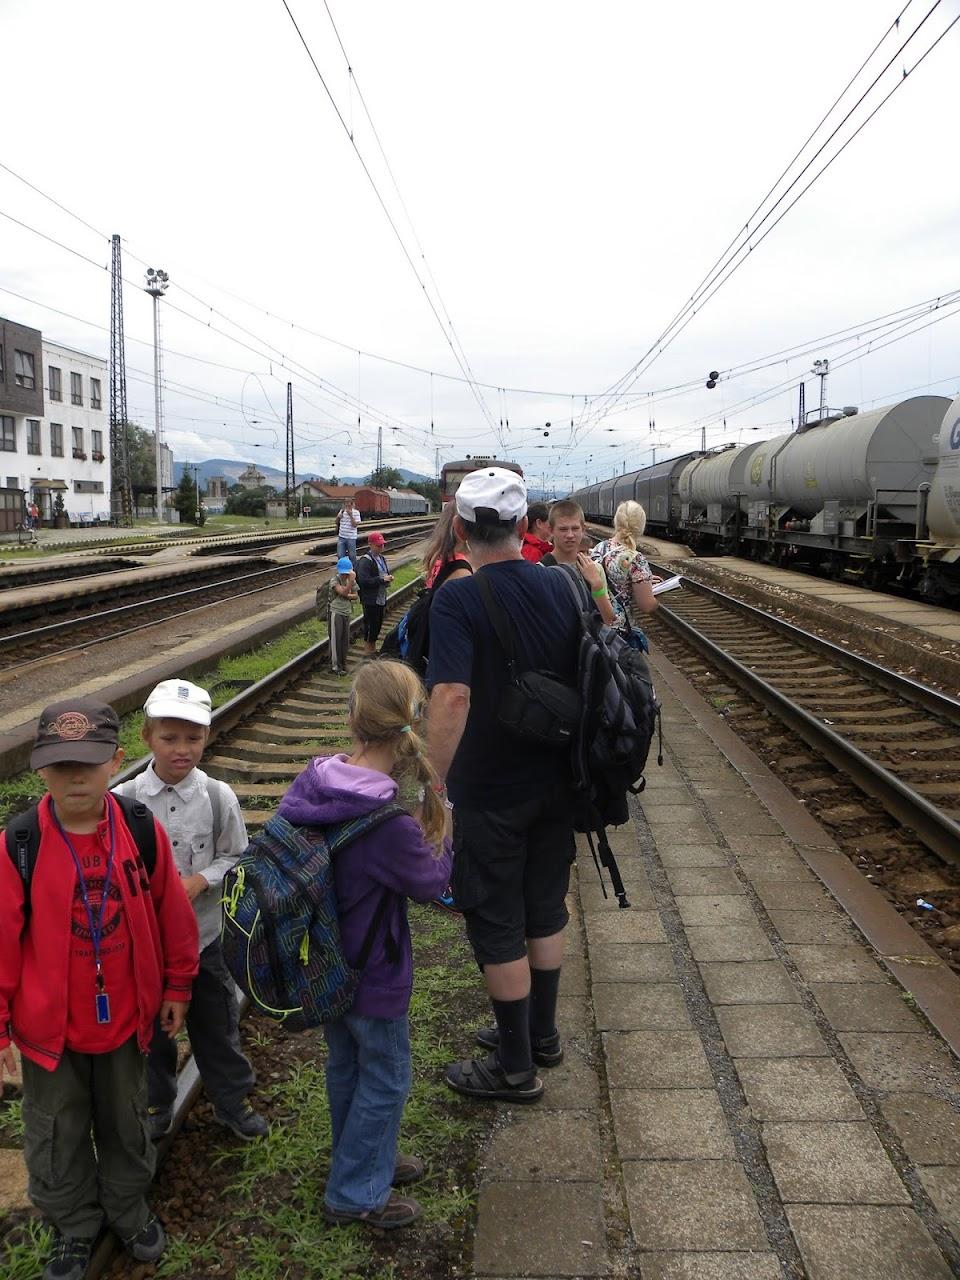 Tábor - Veľké Karlovice - fotka 17.JPG